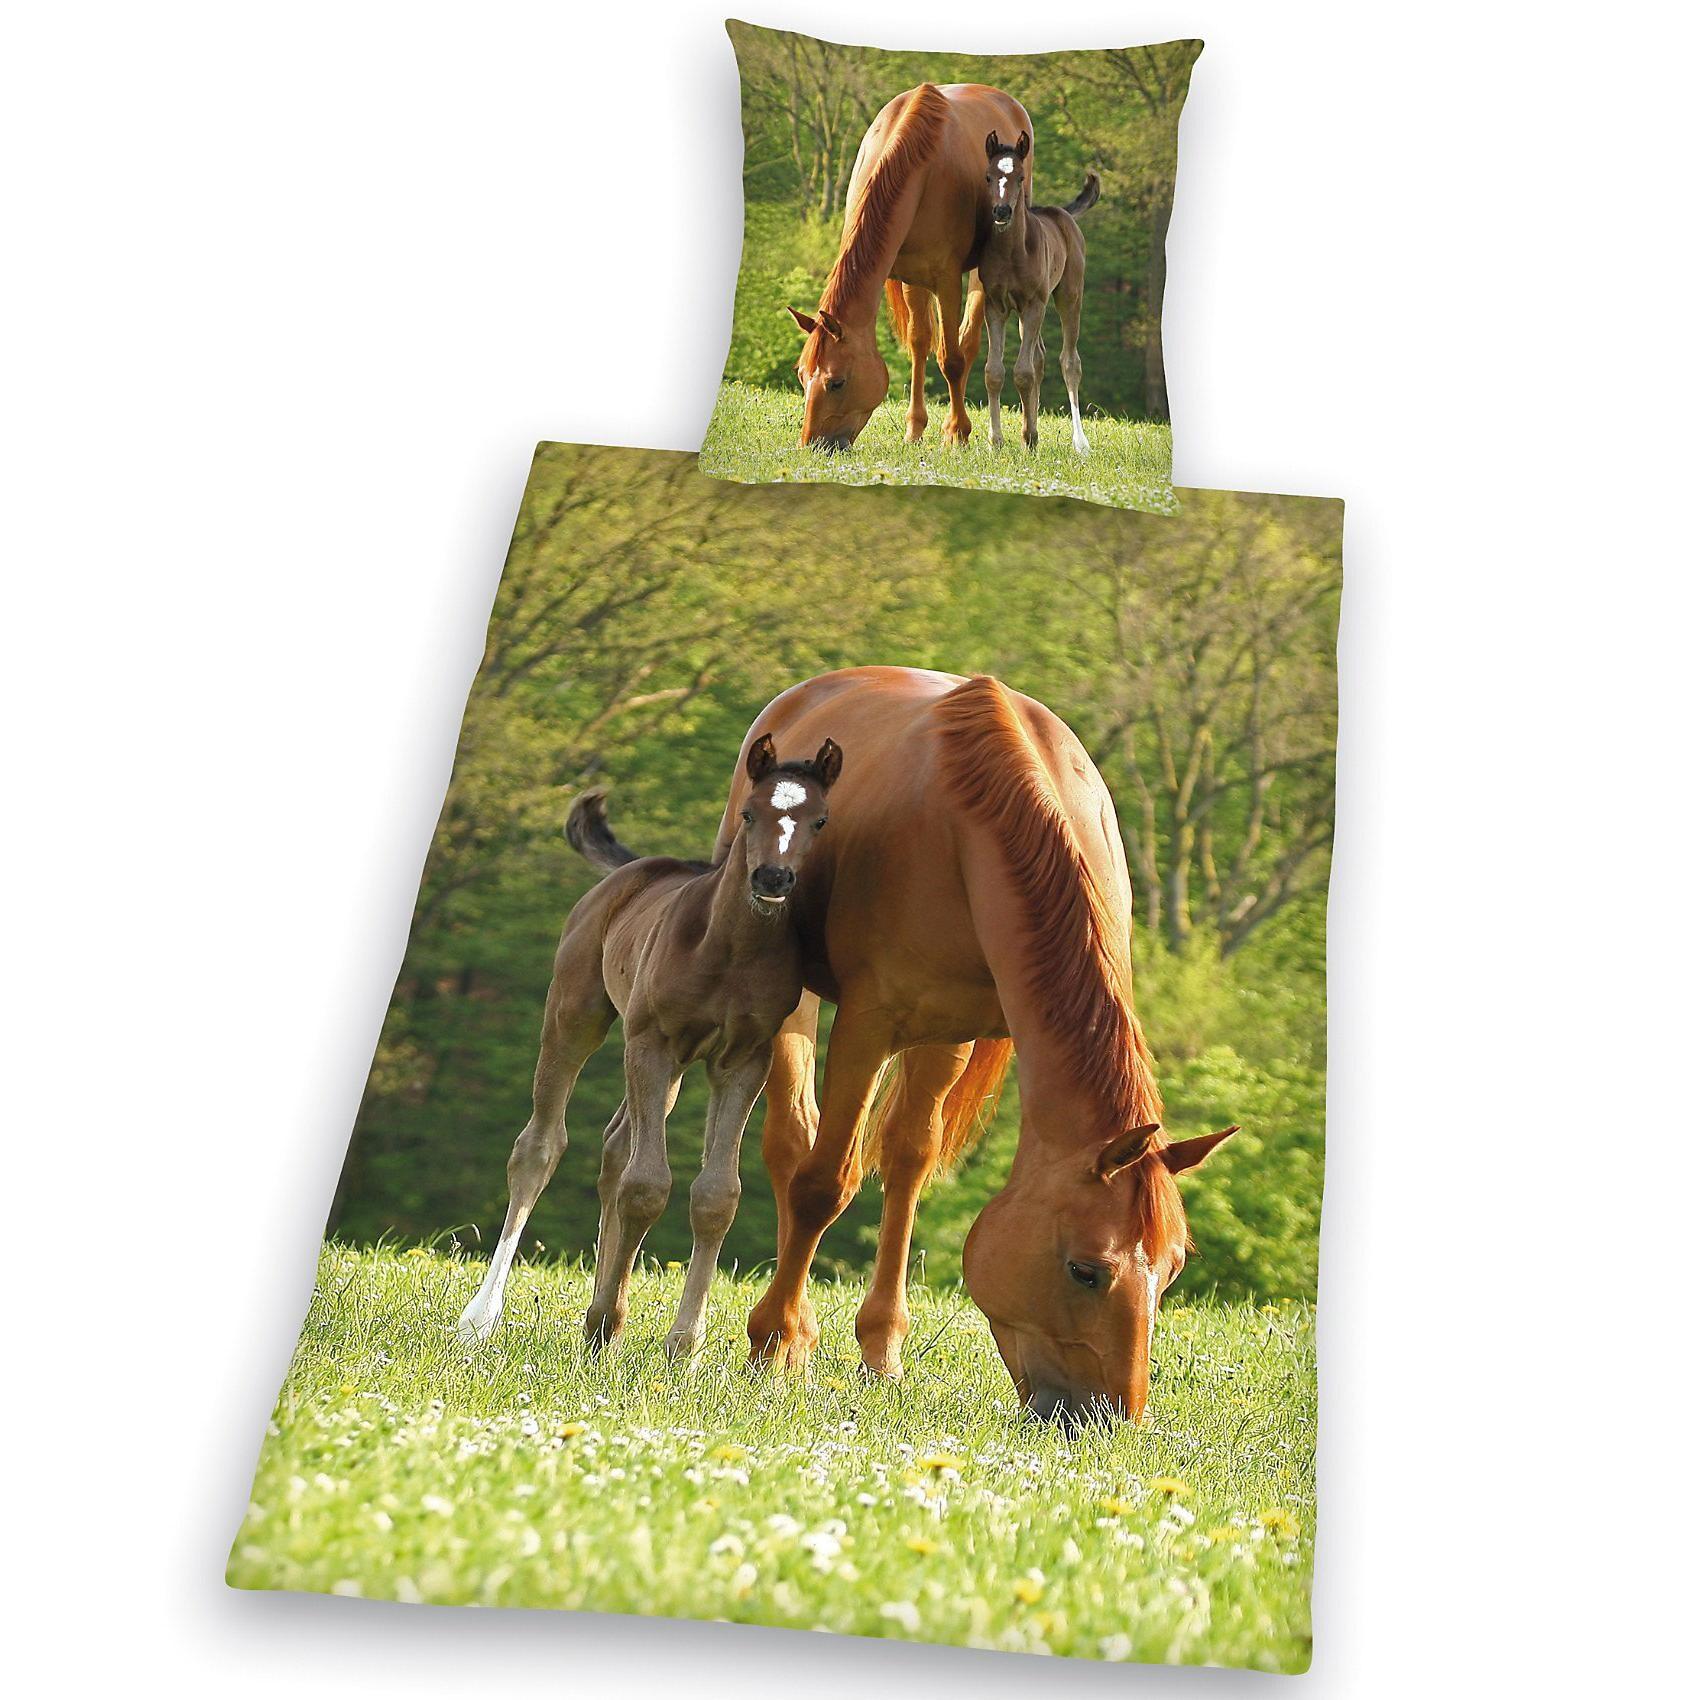 Herding Pferdebettwäsche Kinderbettwäsche Pferd mit Fohlen Linon 135 x 200 cm